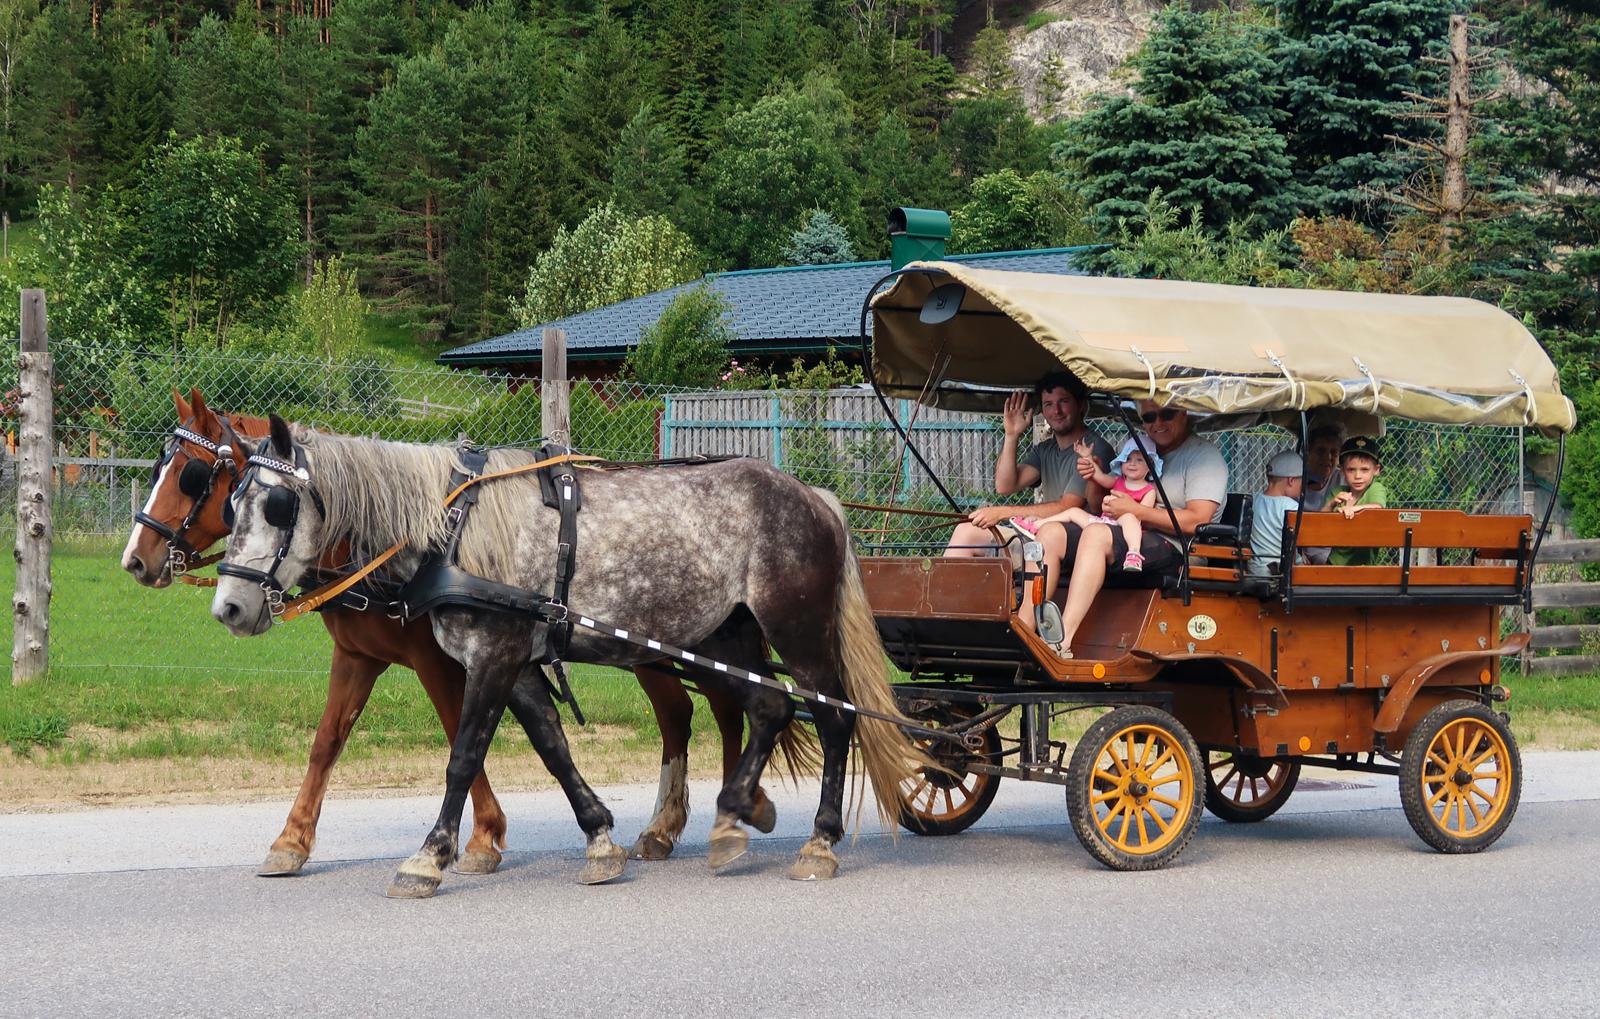 picknickfahrt-mit-kutschenwagen-bg2